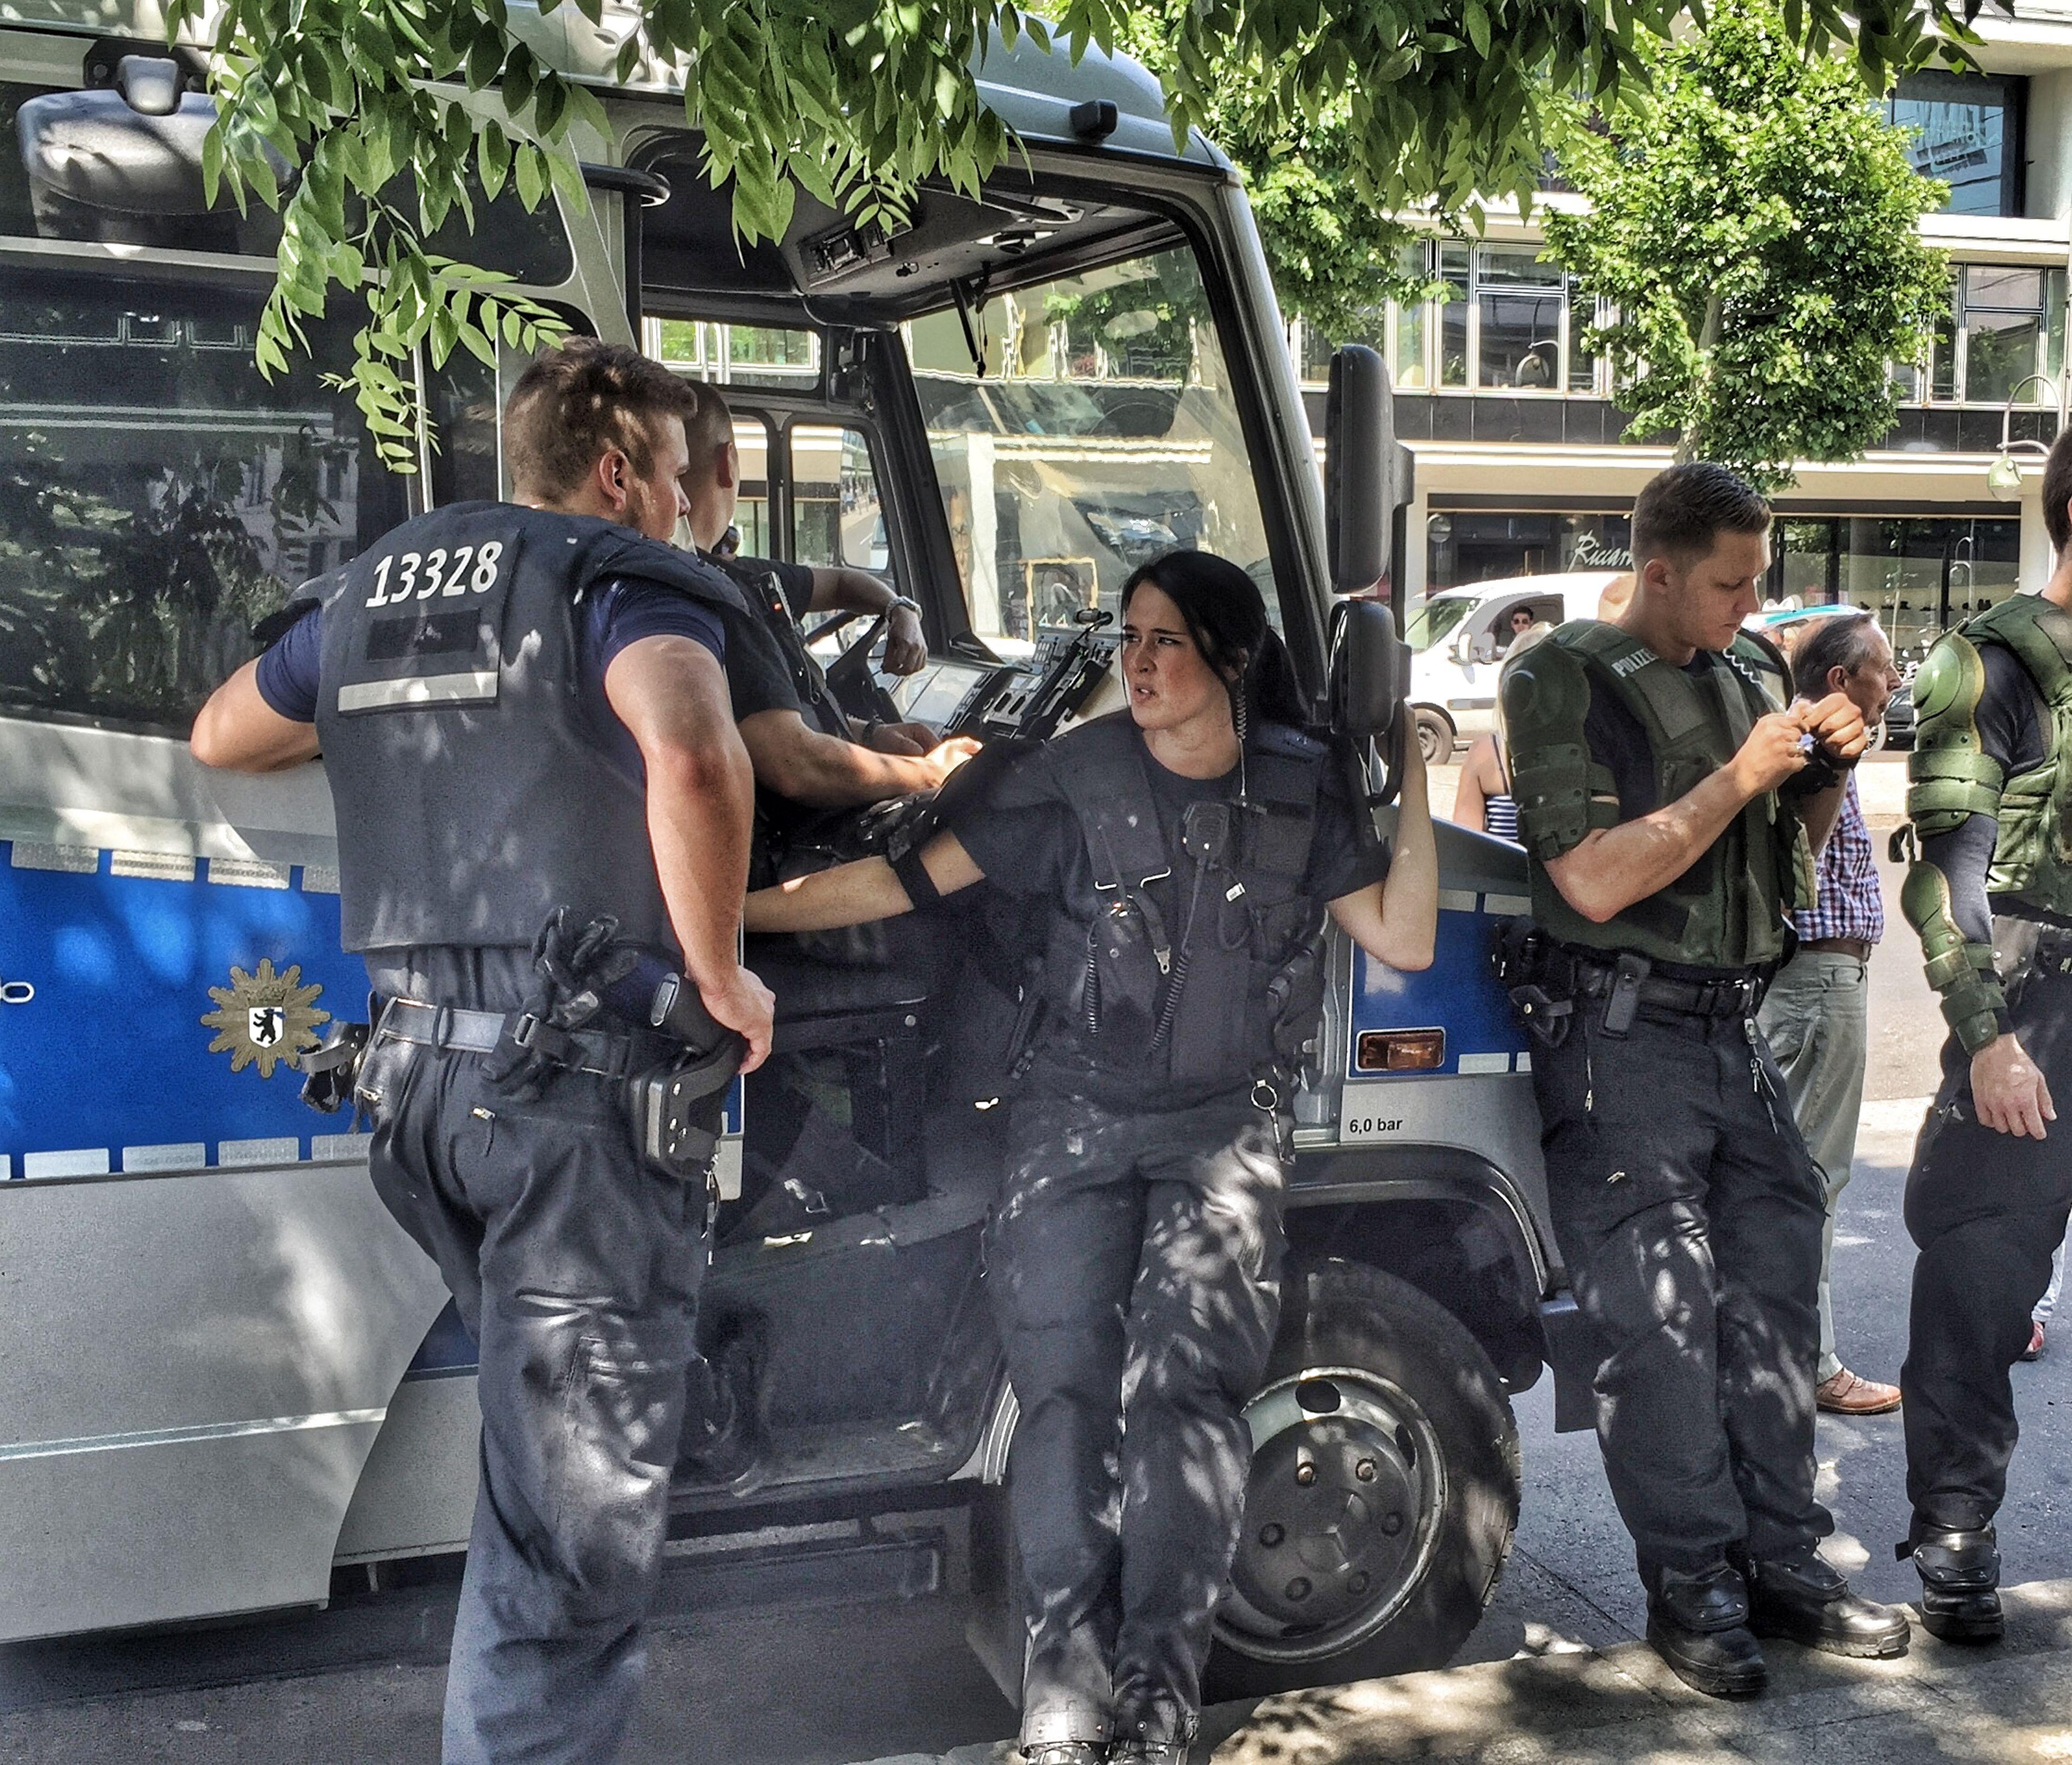 Berlinerpolizei Police Relaxing